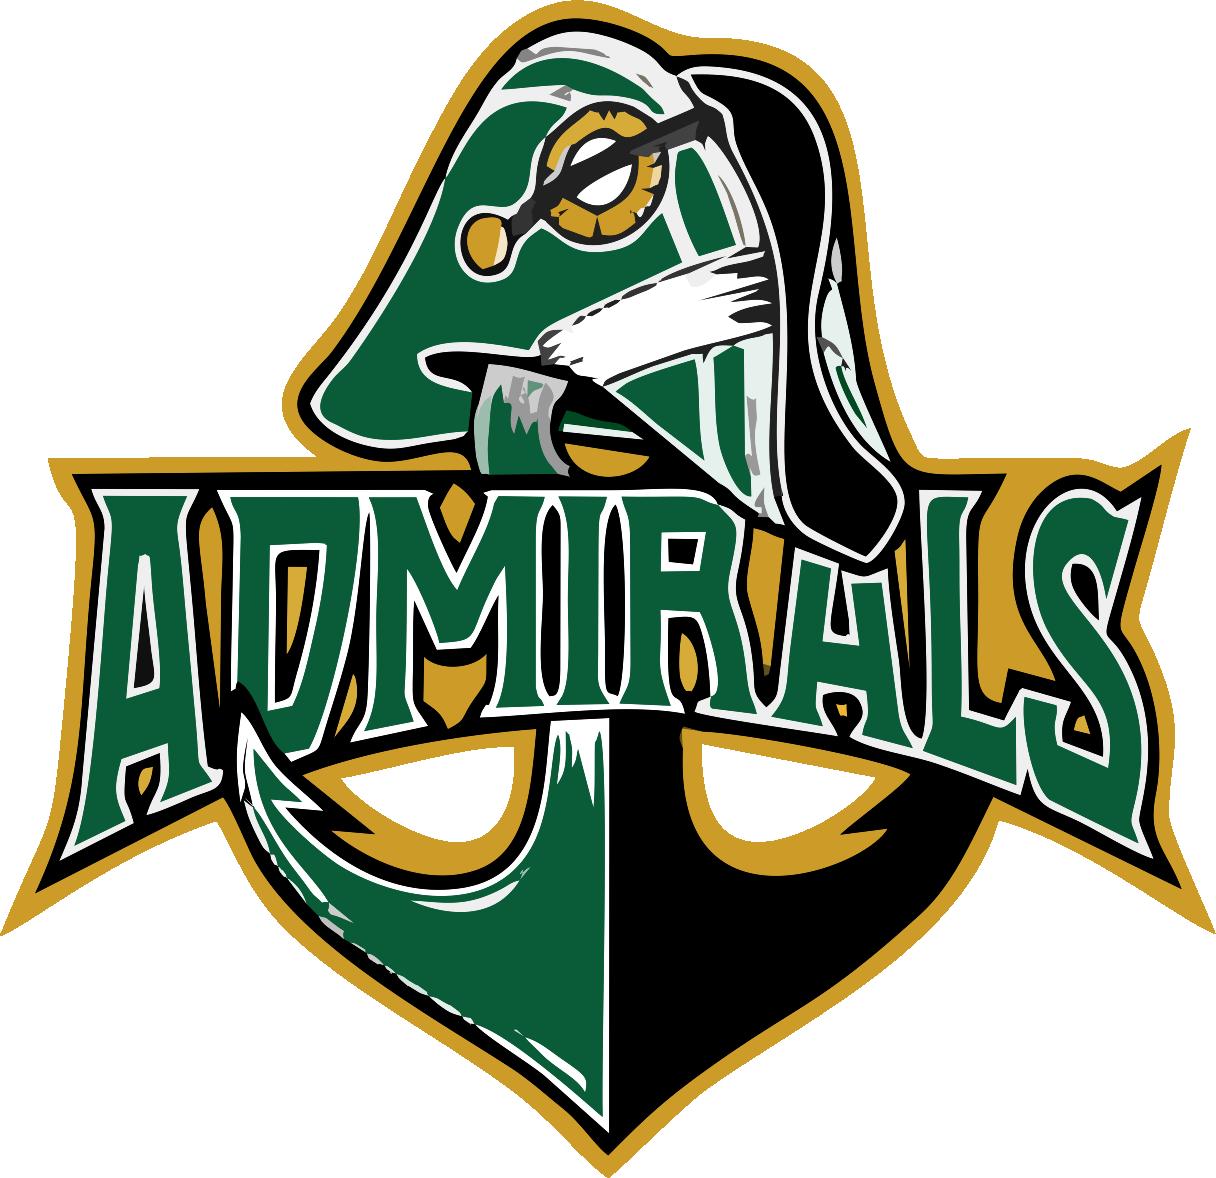 логотипы команд: